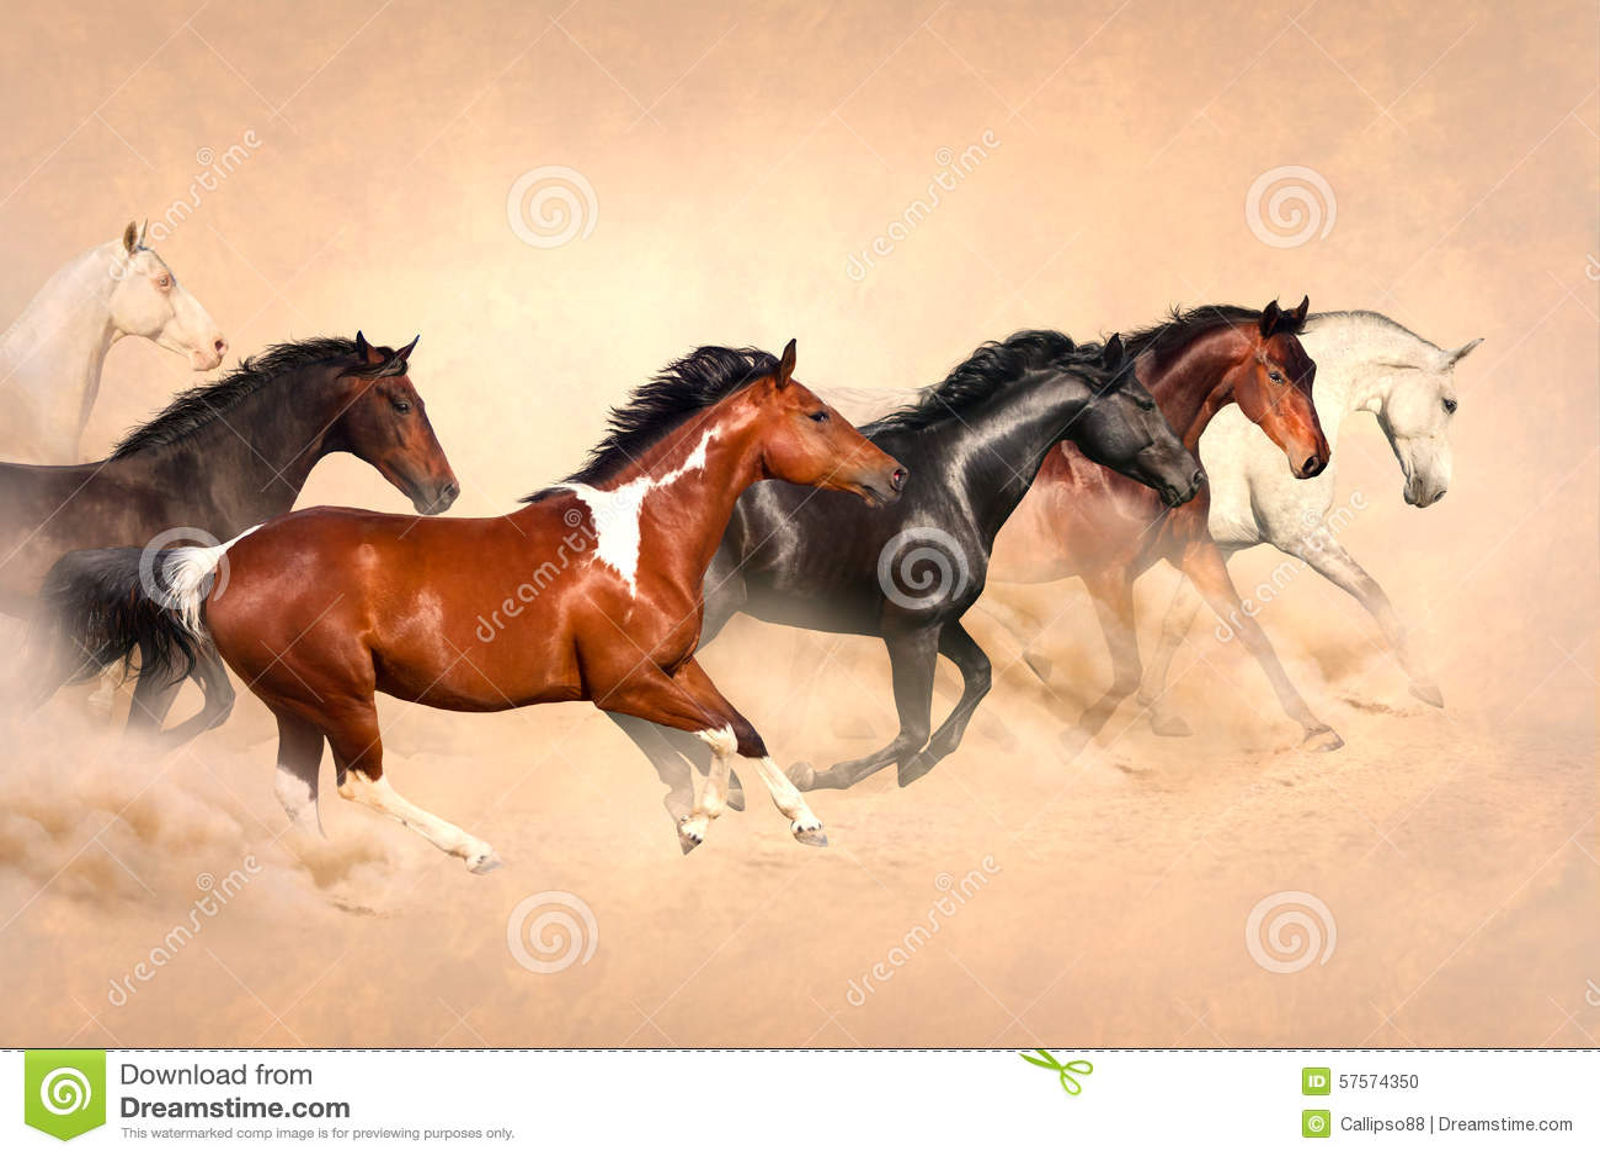 Horse herd in desert